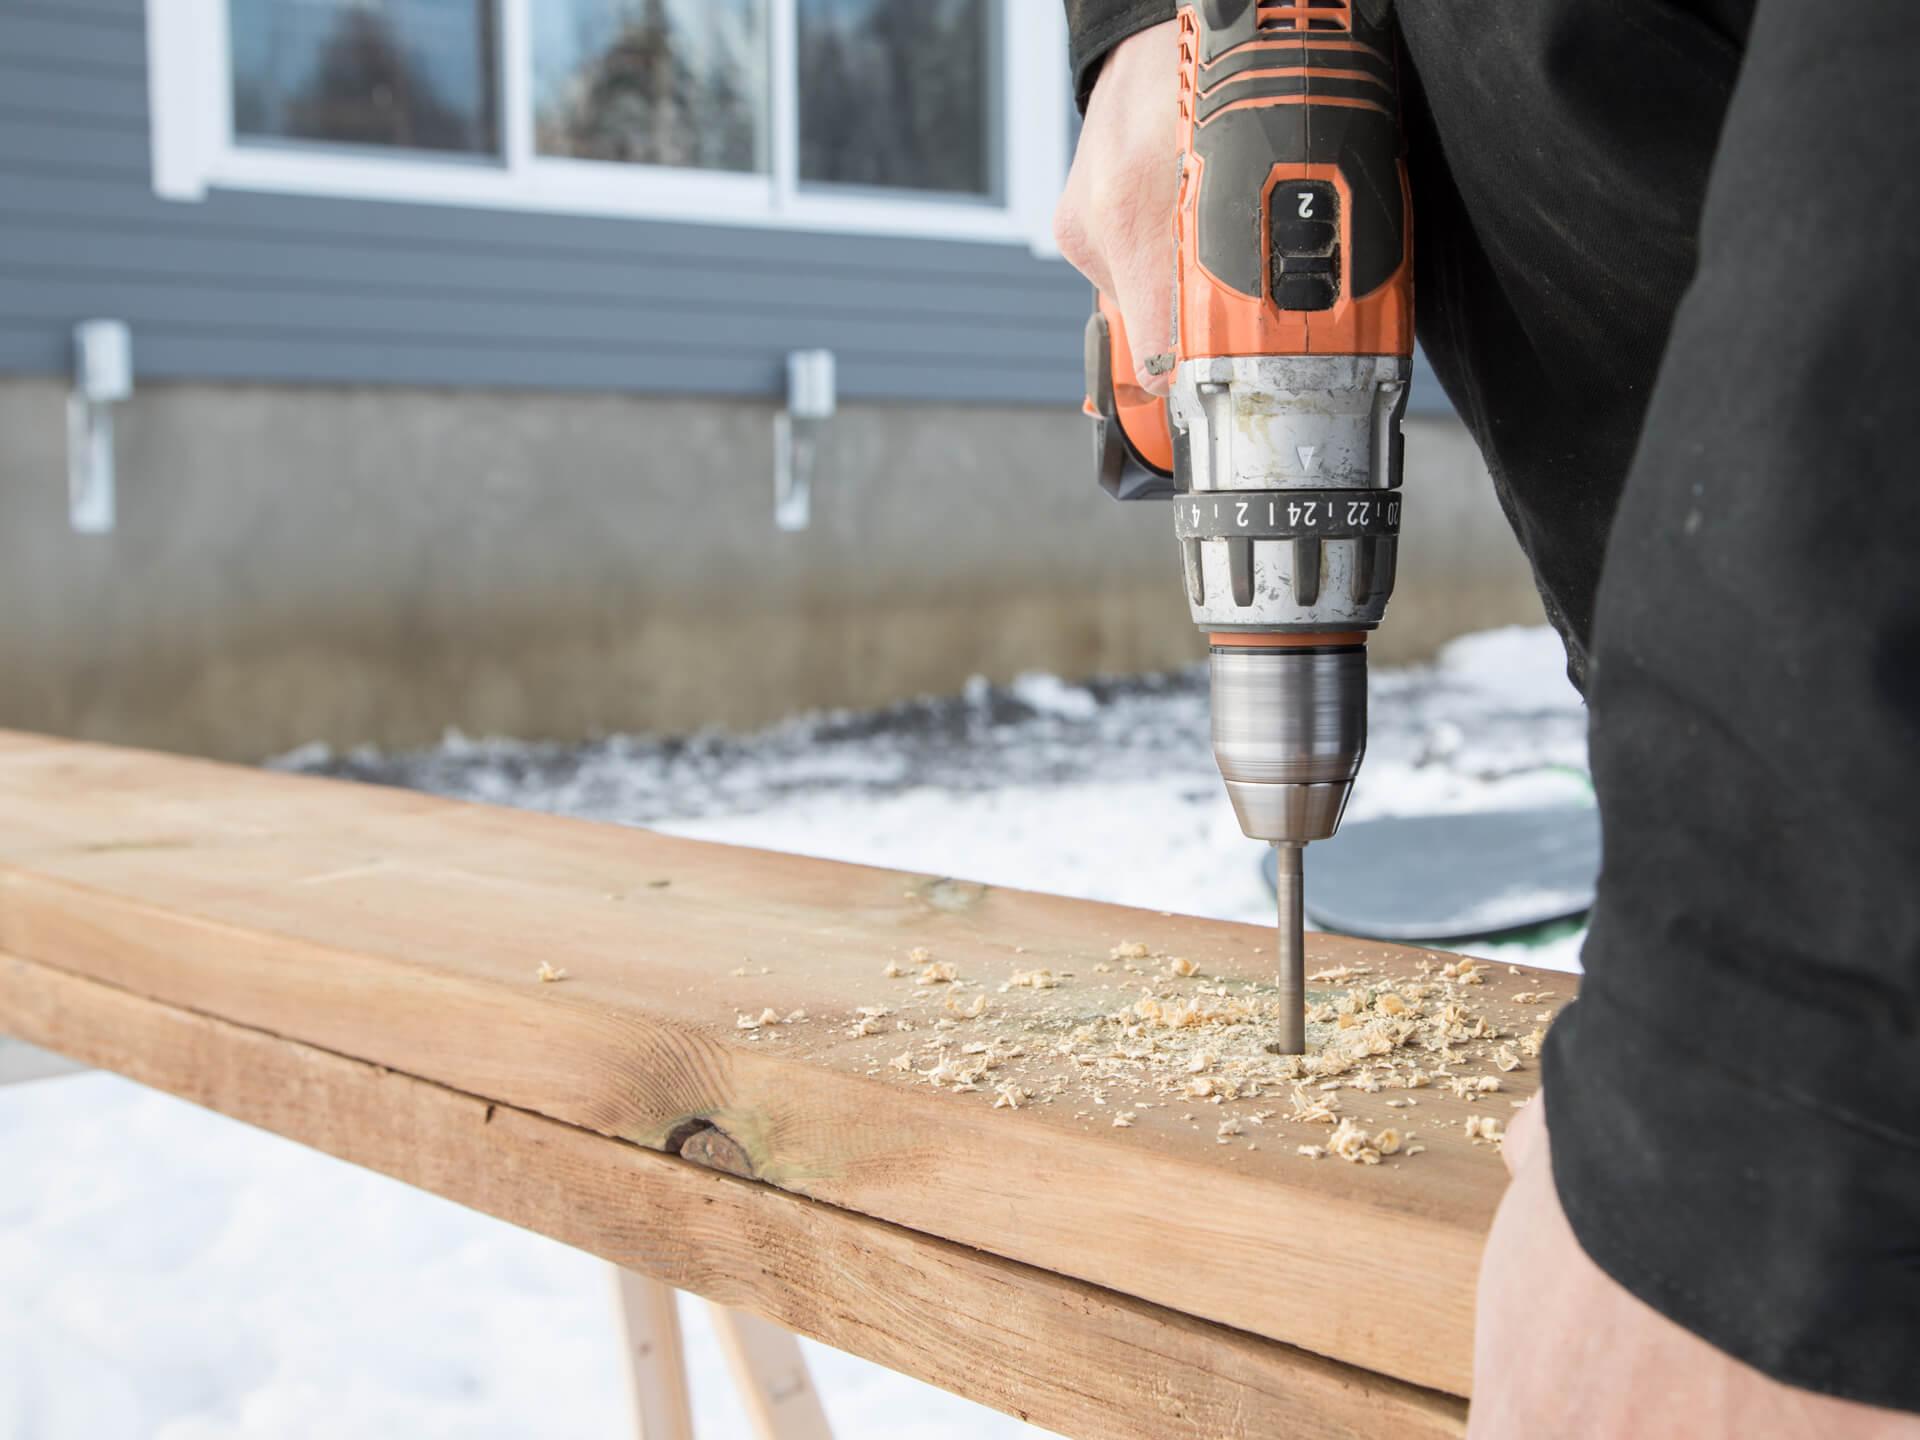 Comment Fabriquer Une Terrasse En Beton conseils pour une terrasse stable et durable - https://www